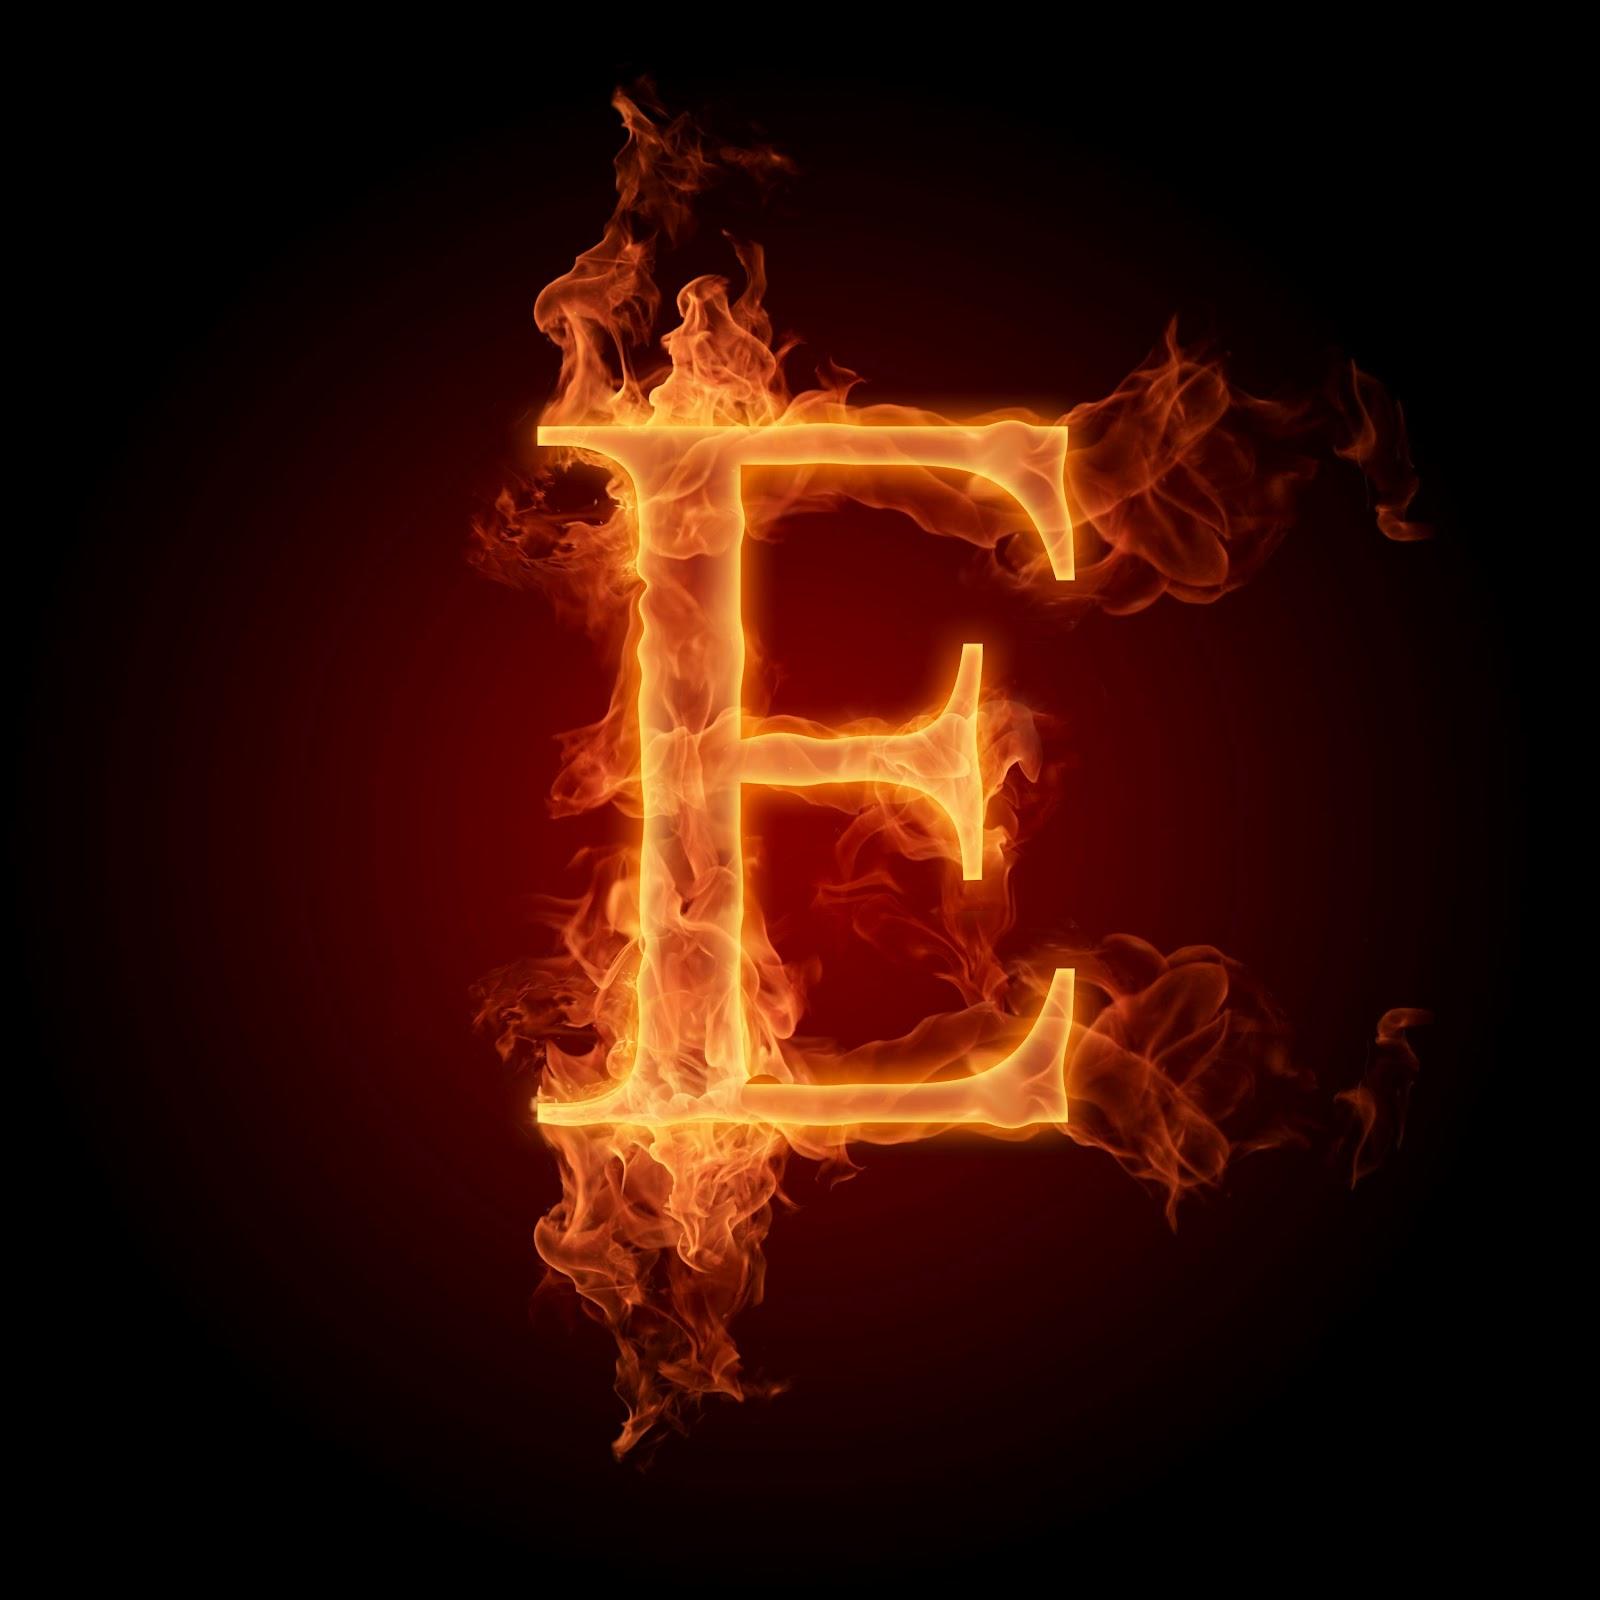 ��� ��� E , ��� ��� E ������ , ������ ����� 2016 letter E pictures new_1420668483_346.j